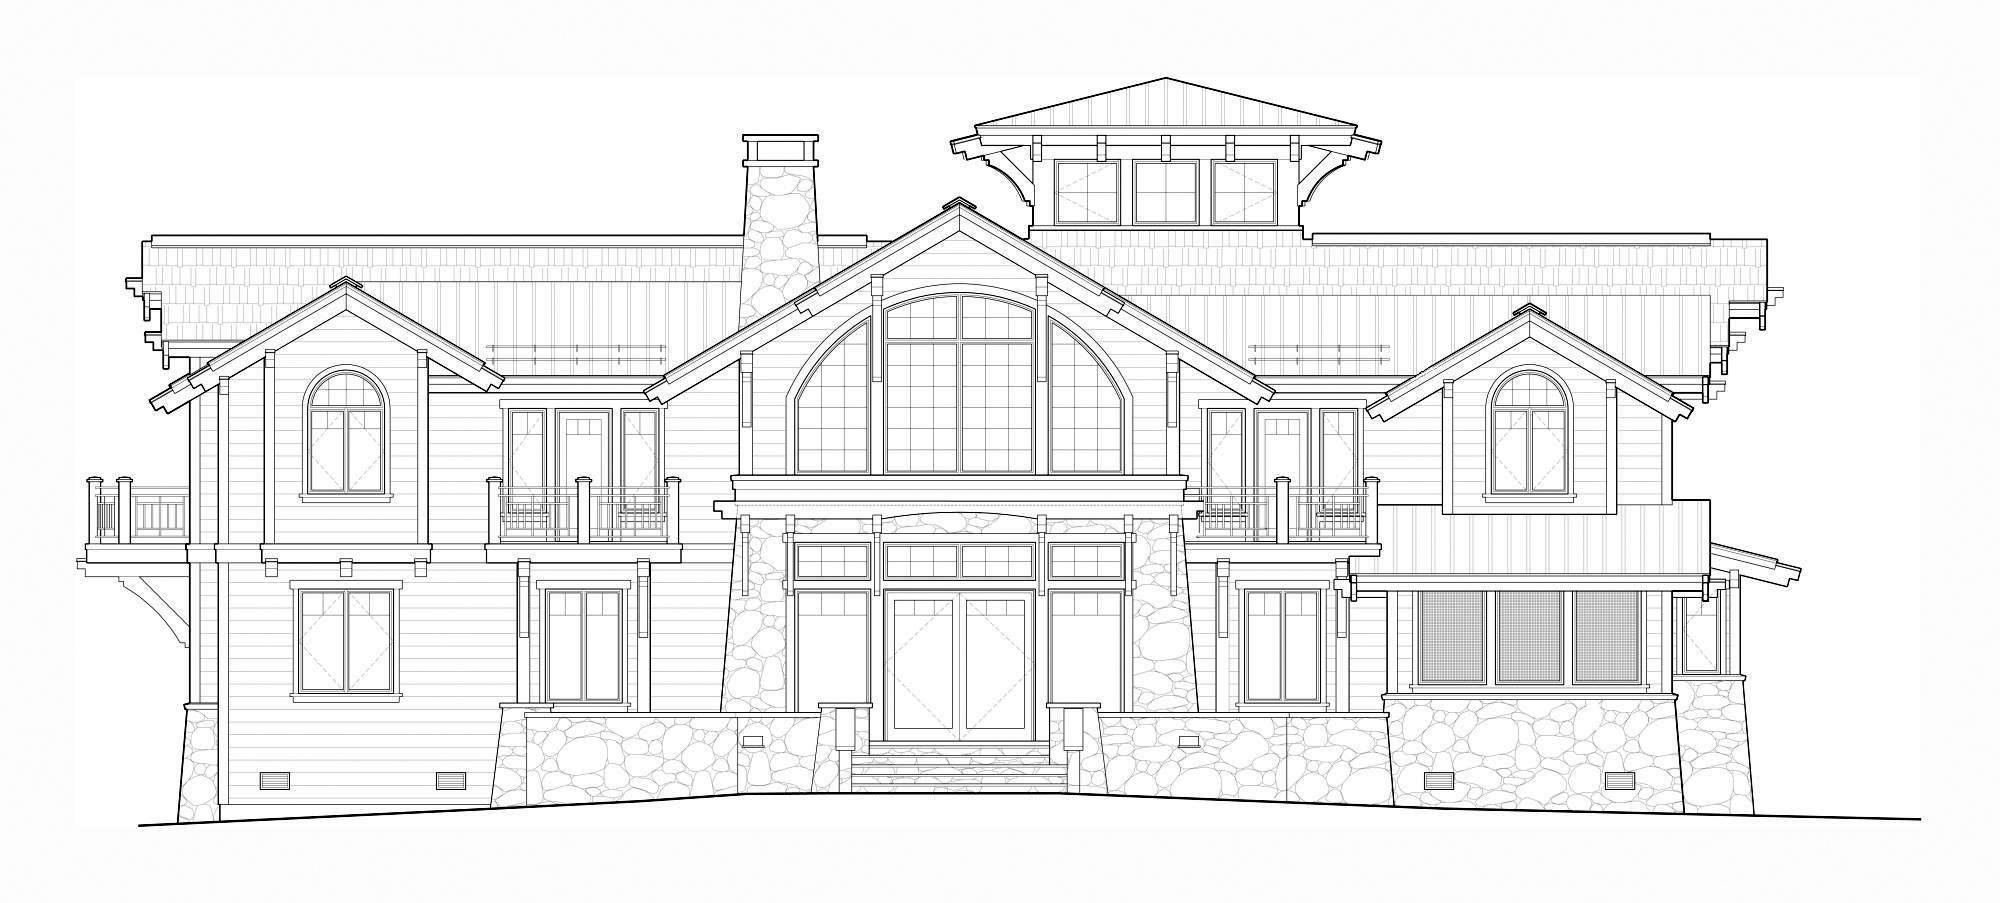 Idaho Mountain Architects Hendricks Architecture Idaho